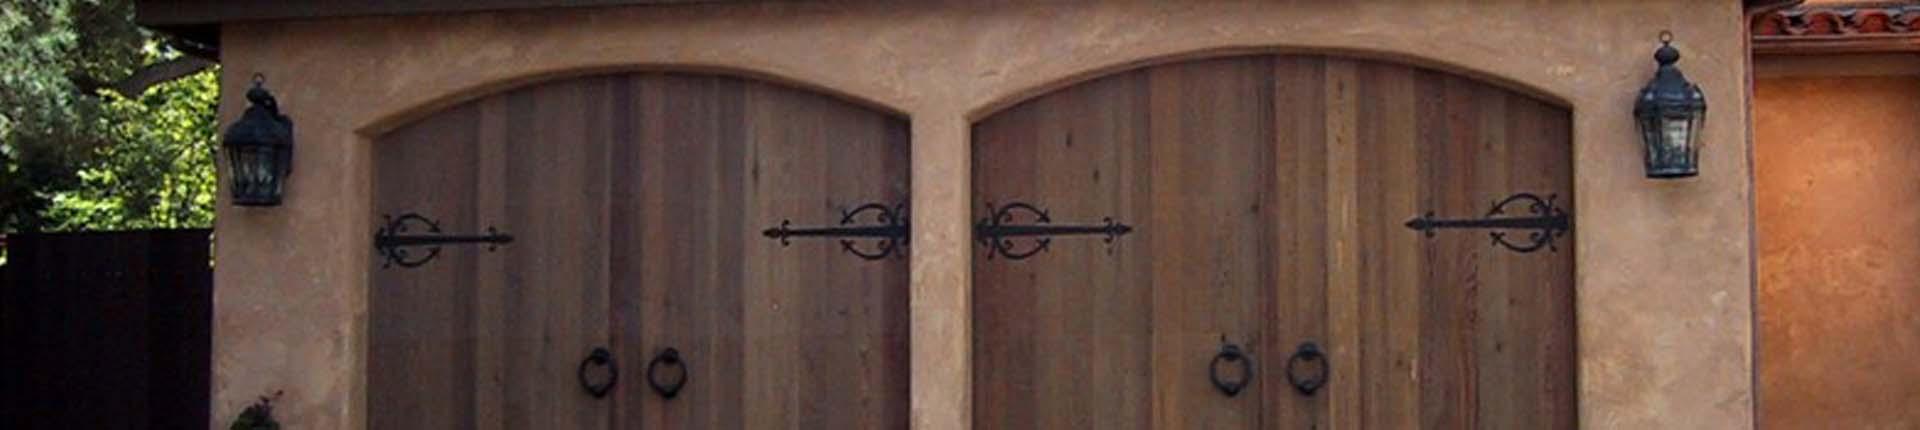 Majestic Doors